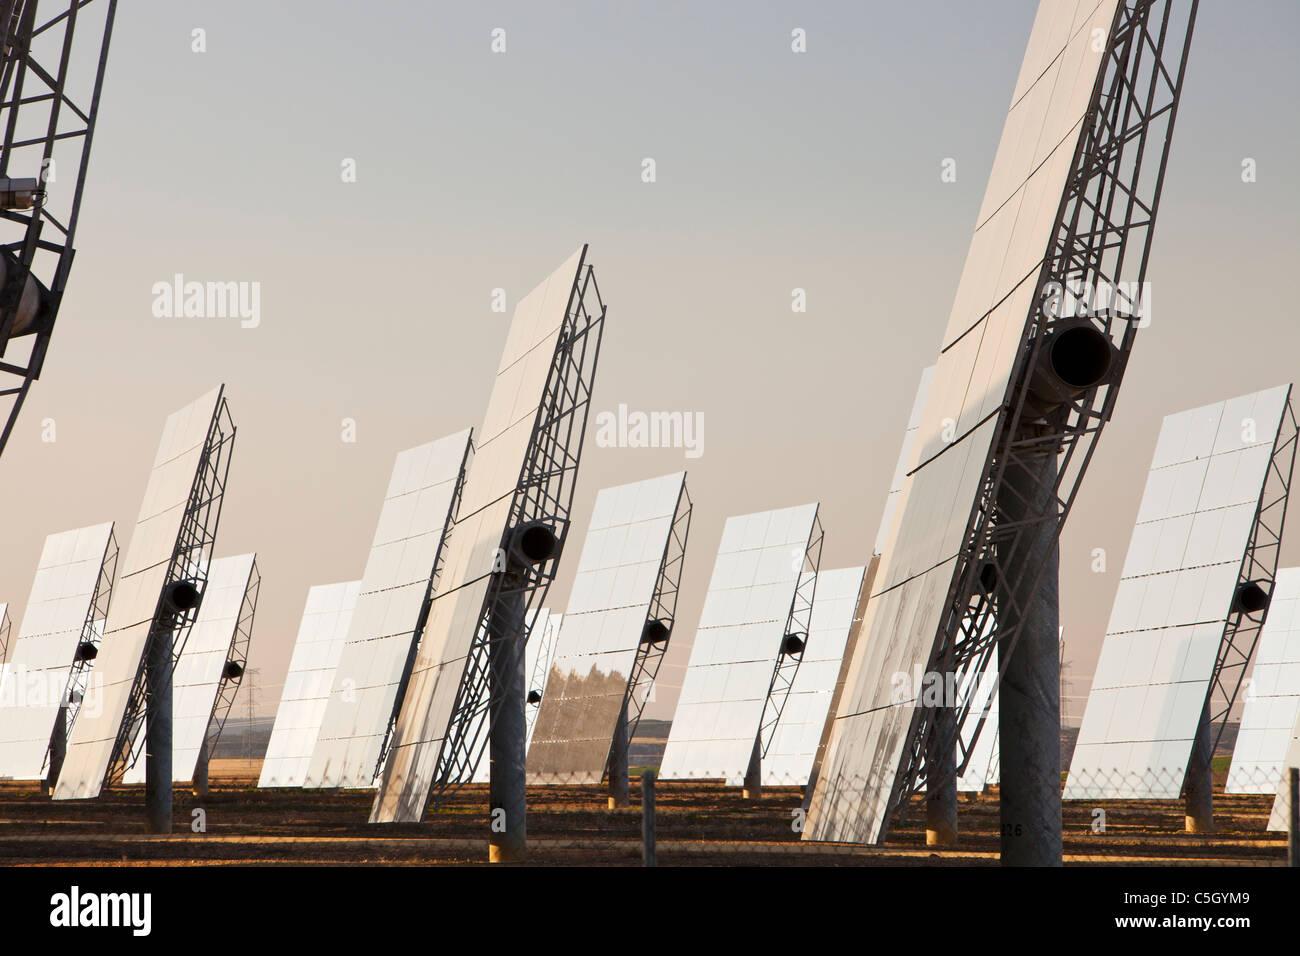 Parte dell'Solucar complesso solare di proprietà di Abengoa energia, a Sanlucar La Mayor, Andalusia. Immagini Stock